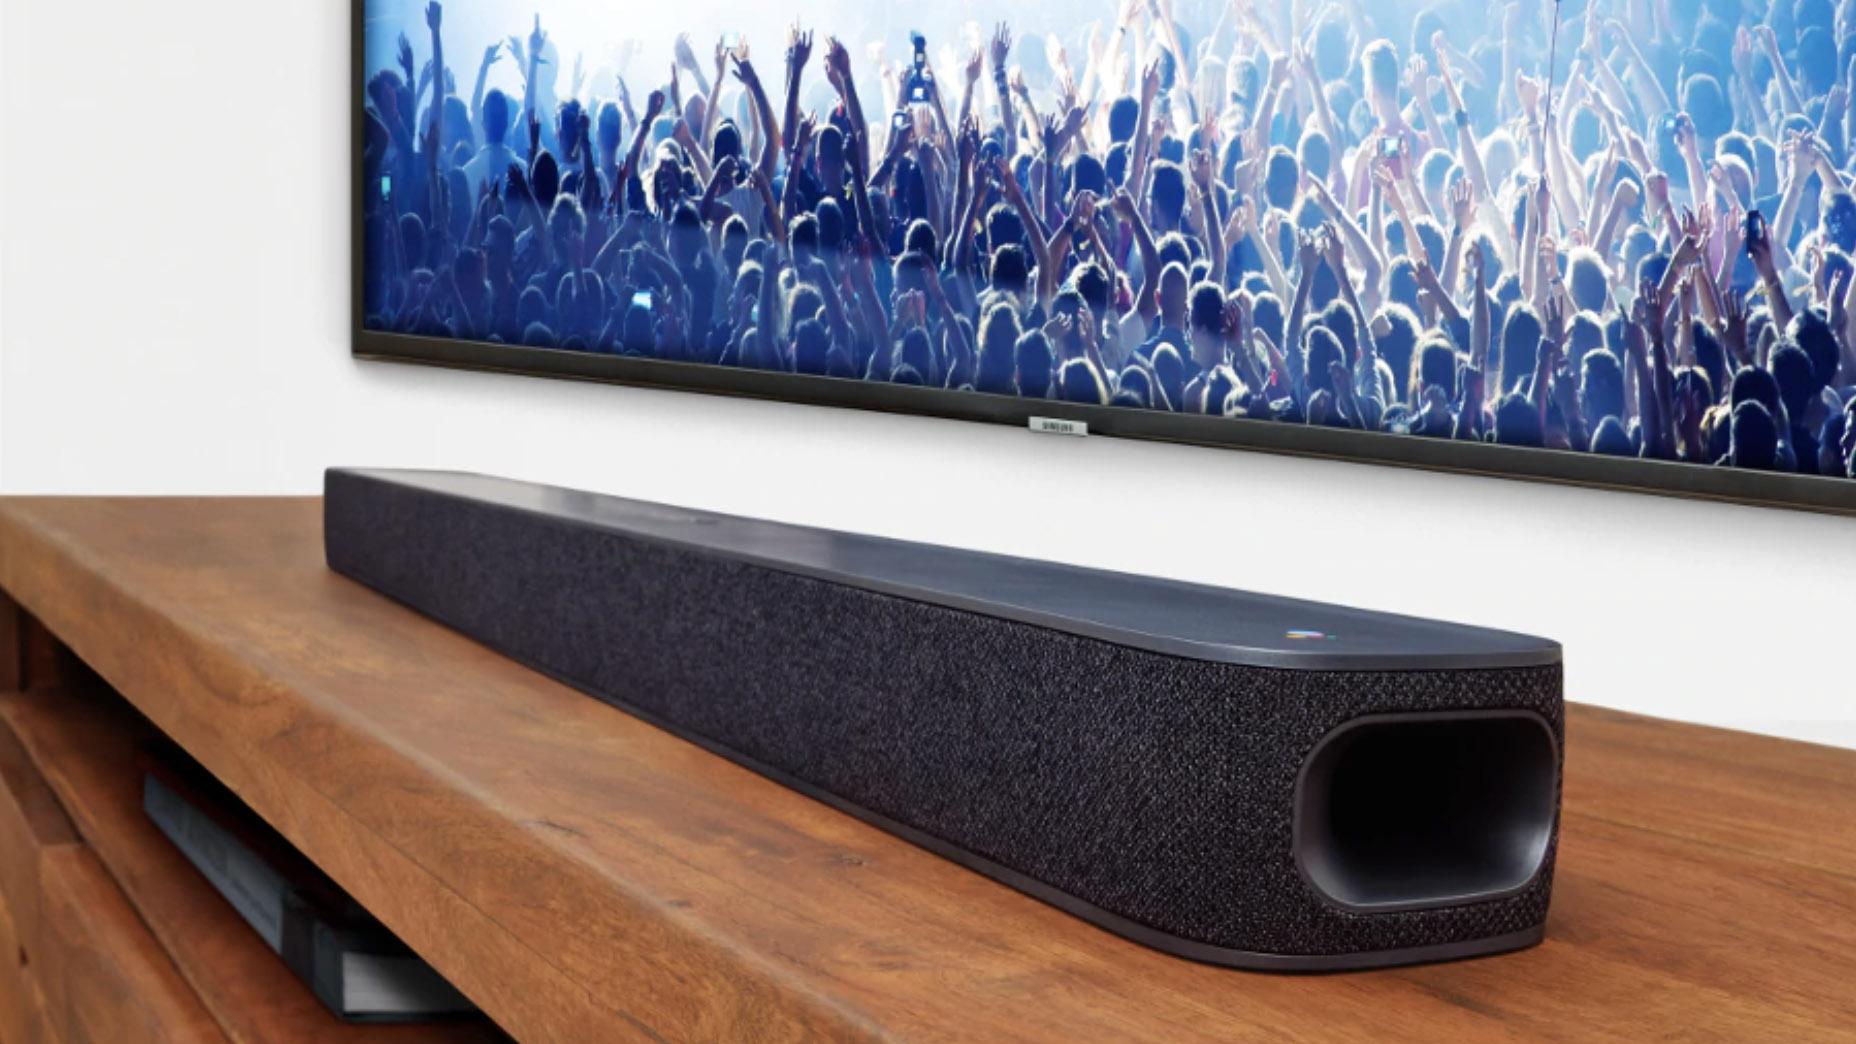 JBL Google Assistant soundbar dann auch endlich nach einem Jahr-lange Verzögerung